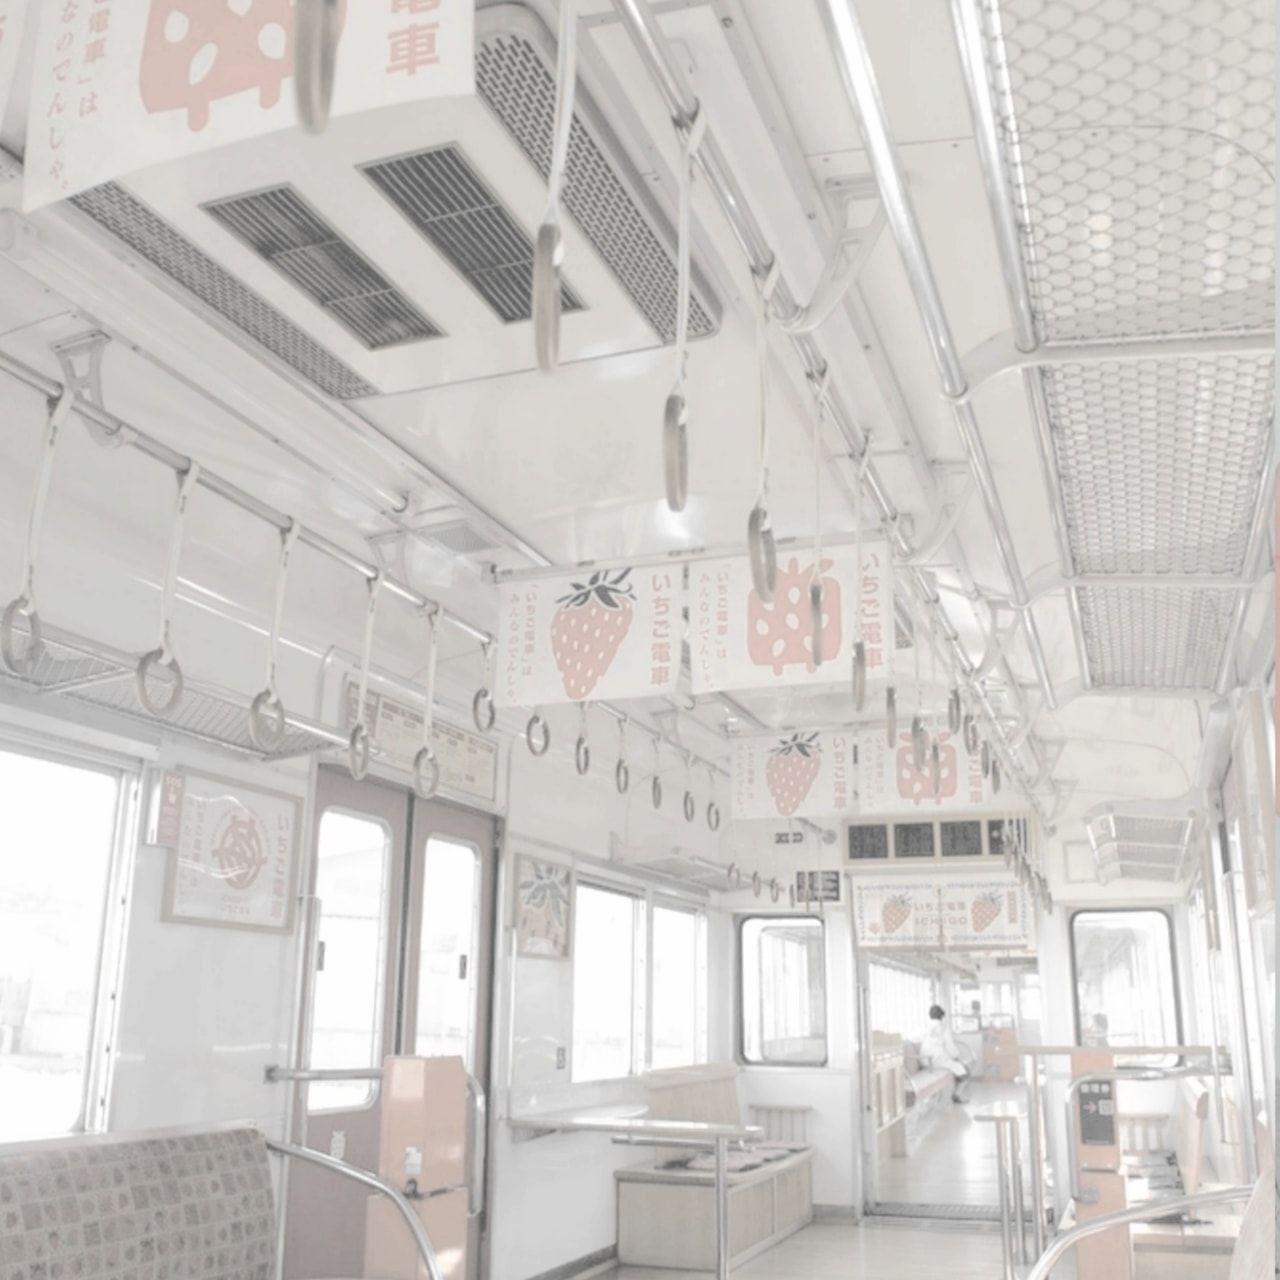 تنسيقات𝙅𝙍࿄ White aesthetic, Floor plans